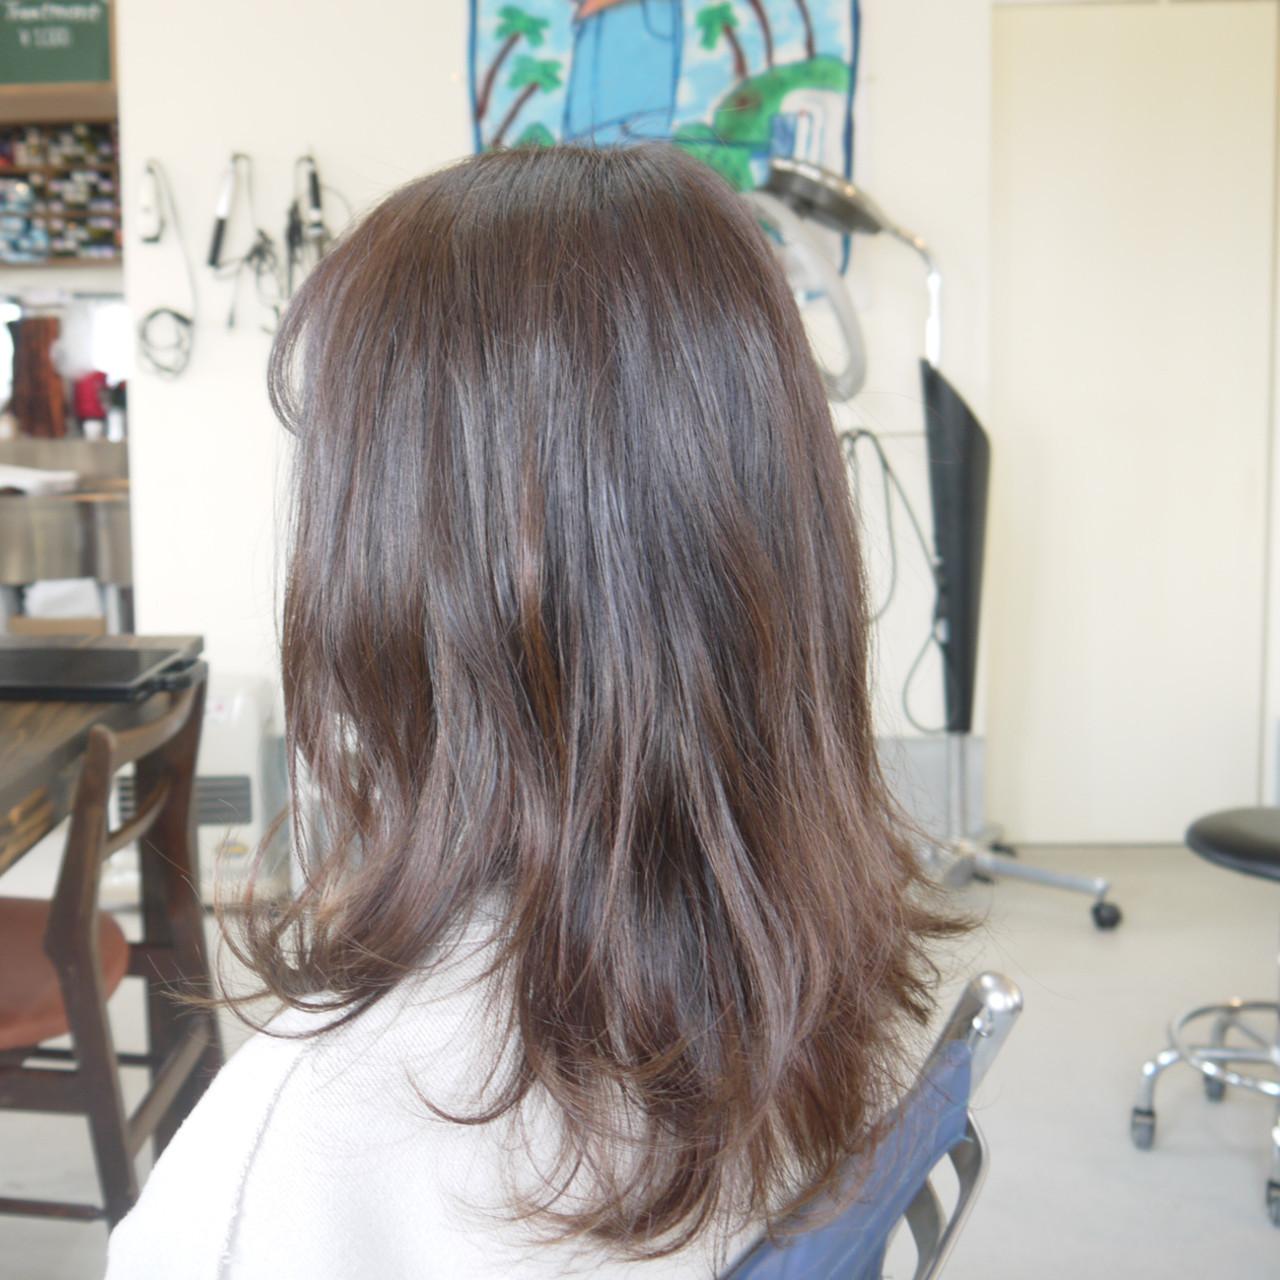 ミディアムレイヤー パープルアッシュ アッシュベージュ アッシュ ヘアスタイルや髪型の写真・画像